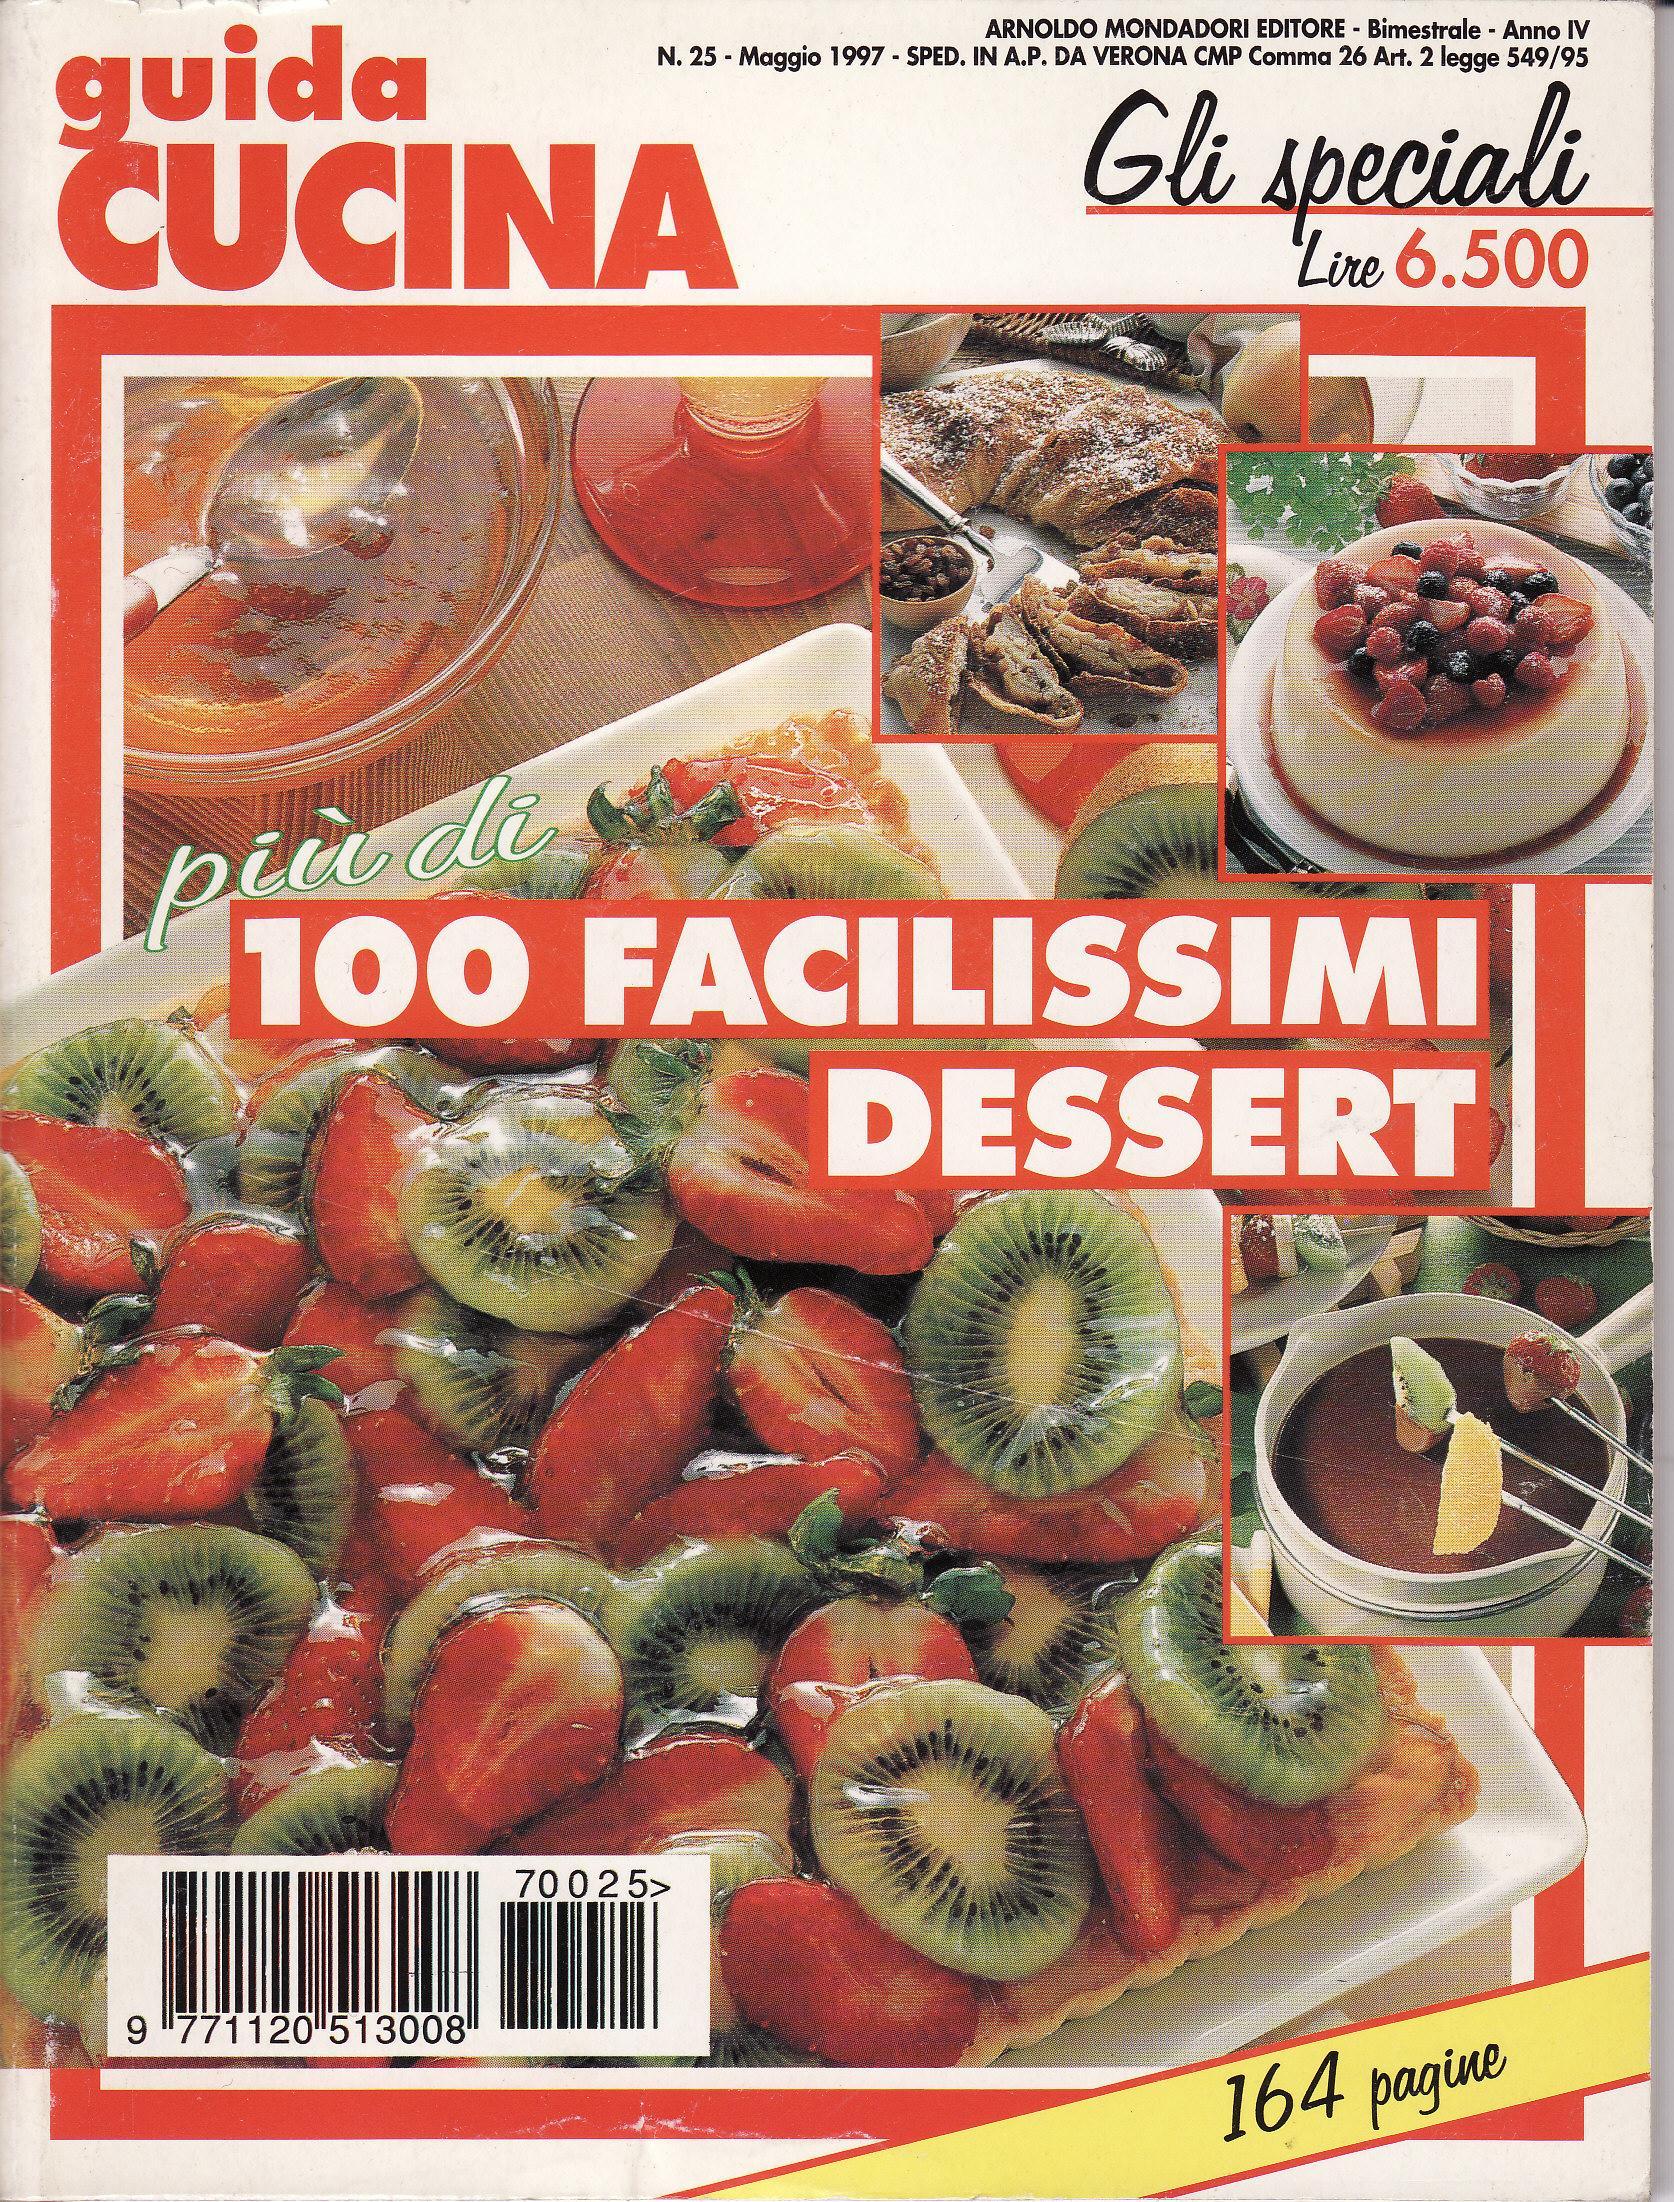 Più di 100 facilissimi dessert